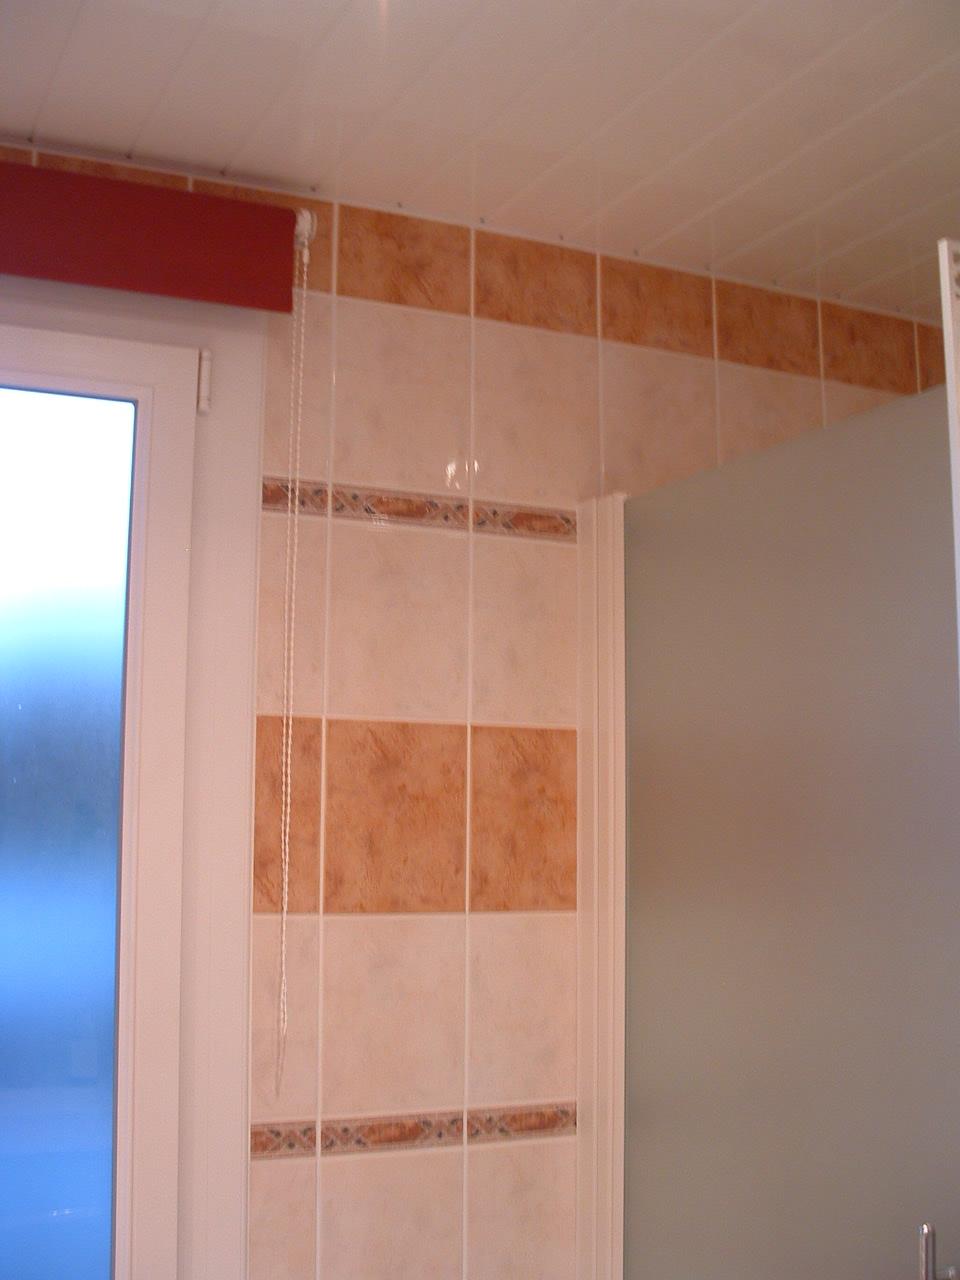 pose carrelage carreler salle de bain conseils des bricoleurs largeur des joints colle carreau. Black Bedroom Furniture Sets. Home Design Ideas